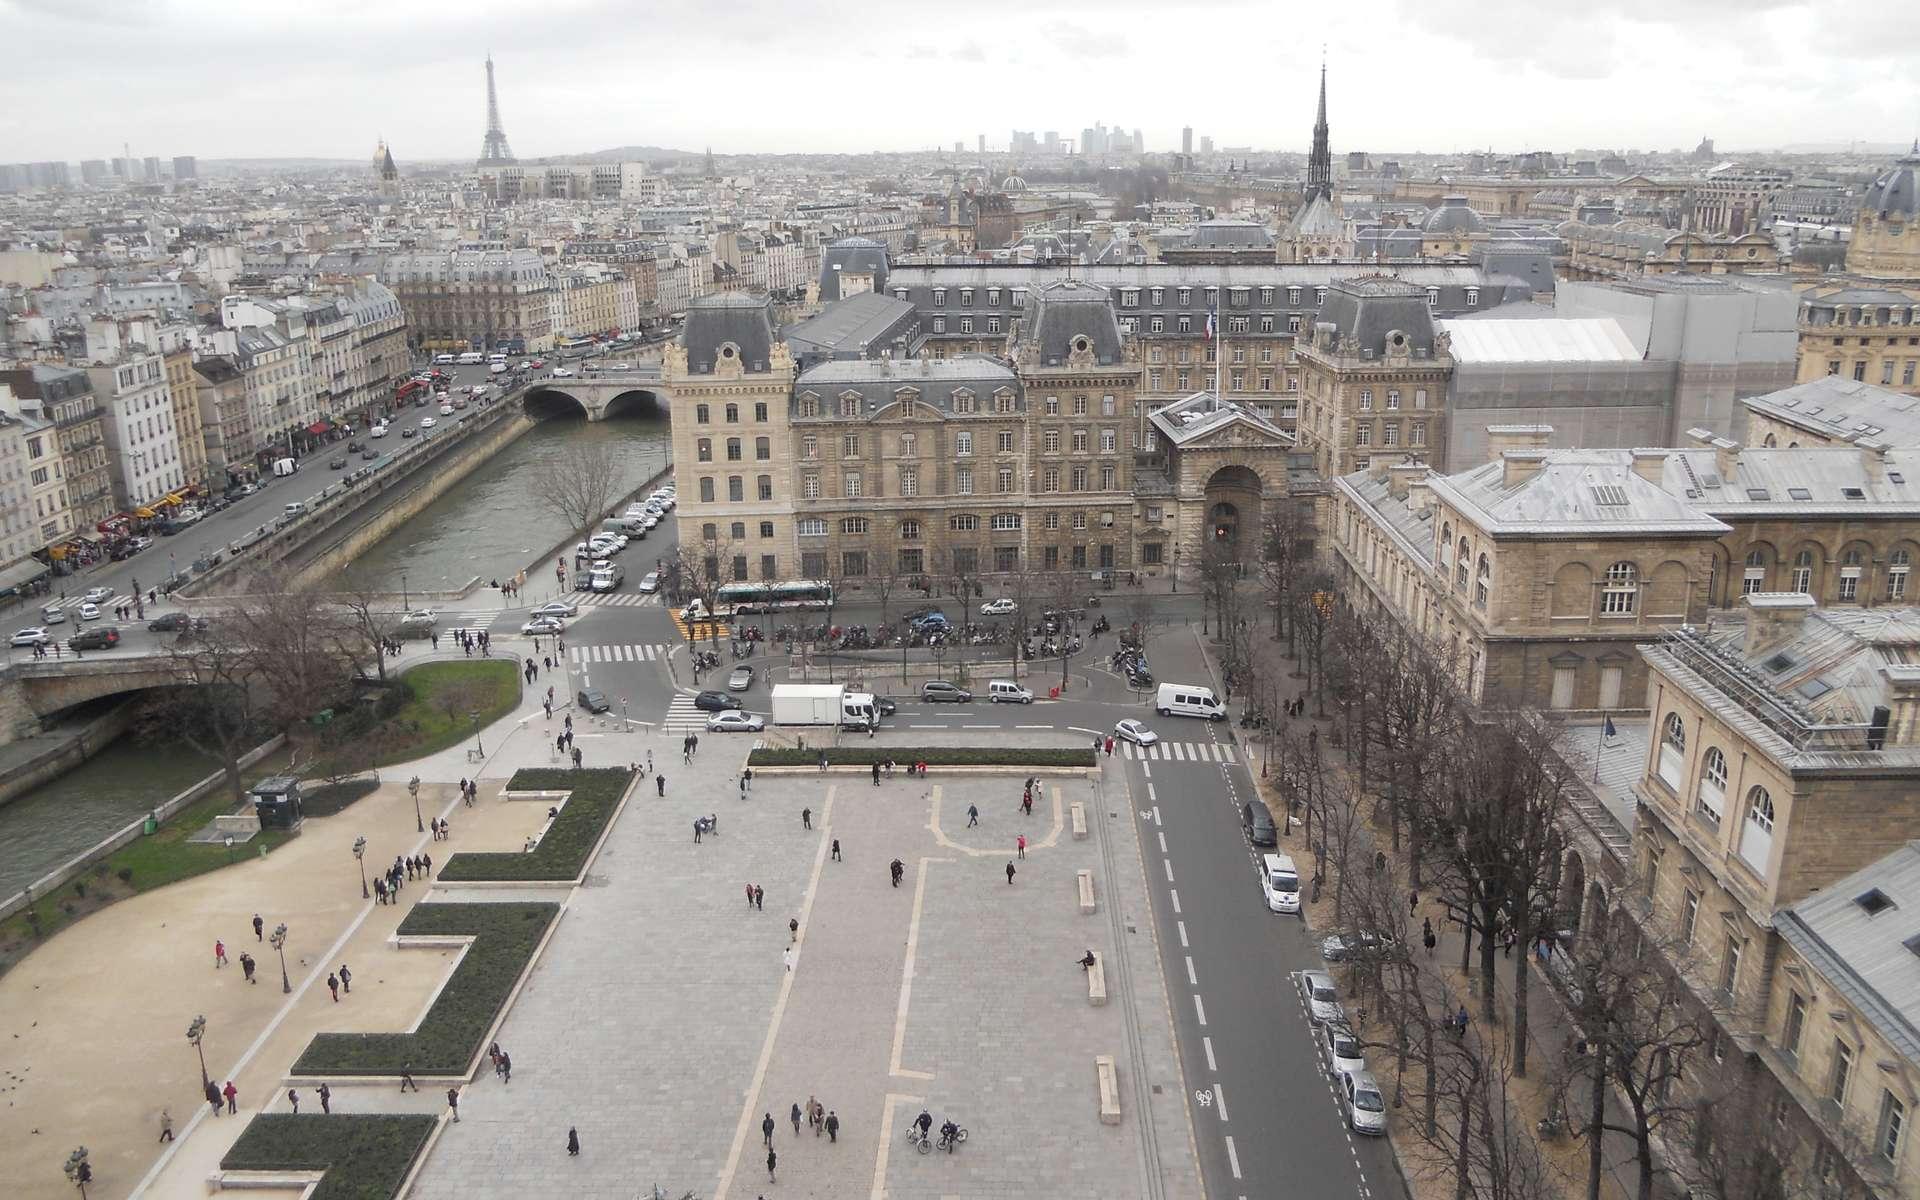 Le parvis est une grande place située au pied de monuments publics. © CC BY-NC-SA 3.0